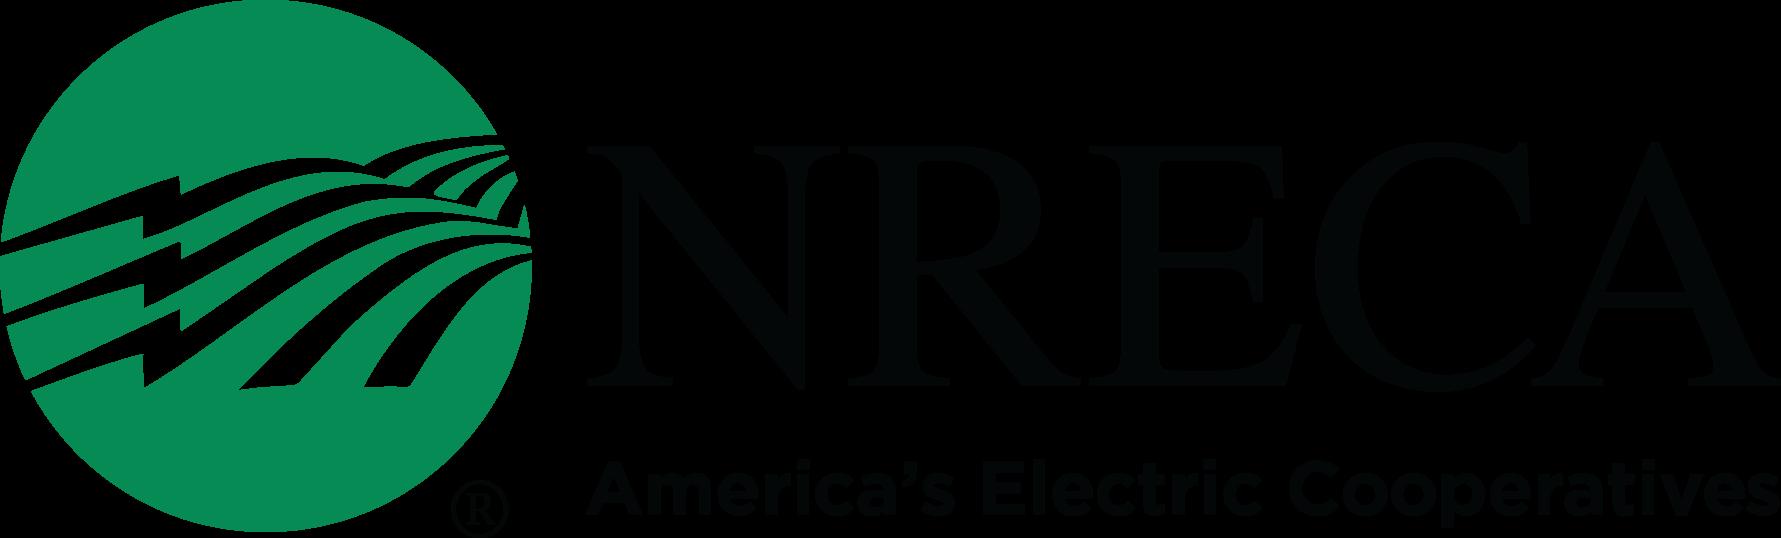 NRECA.png